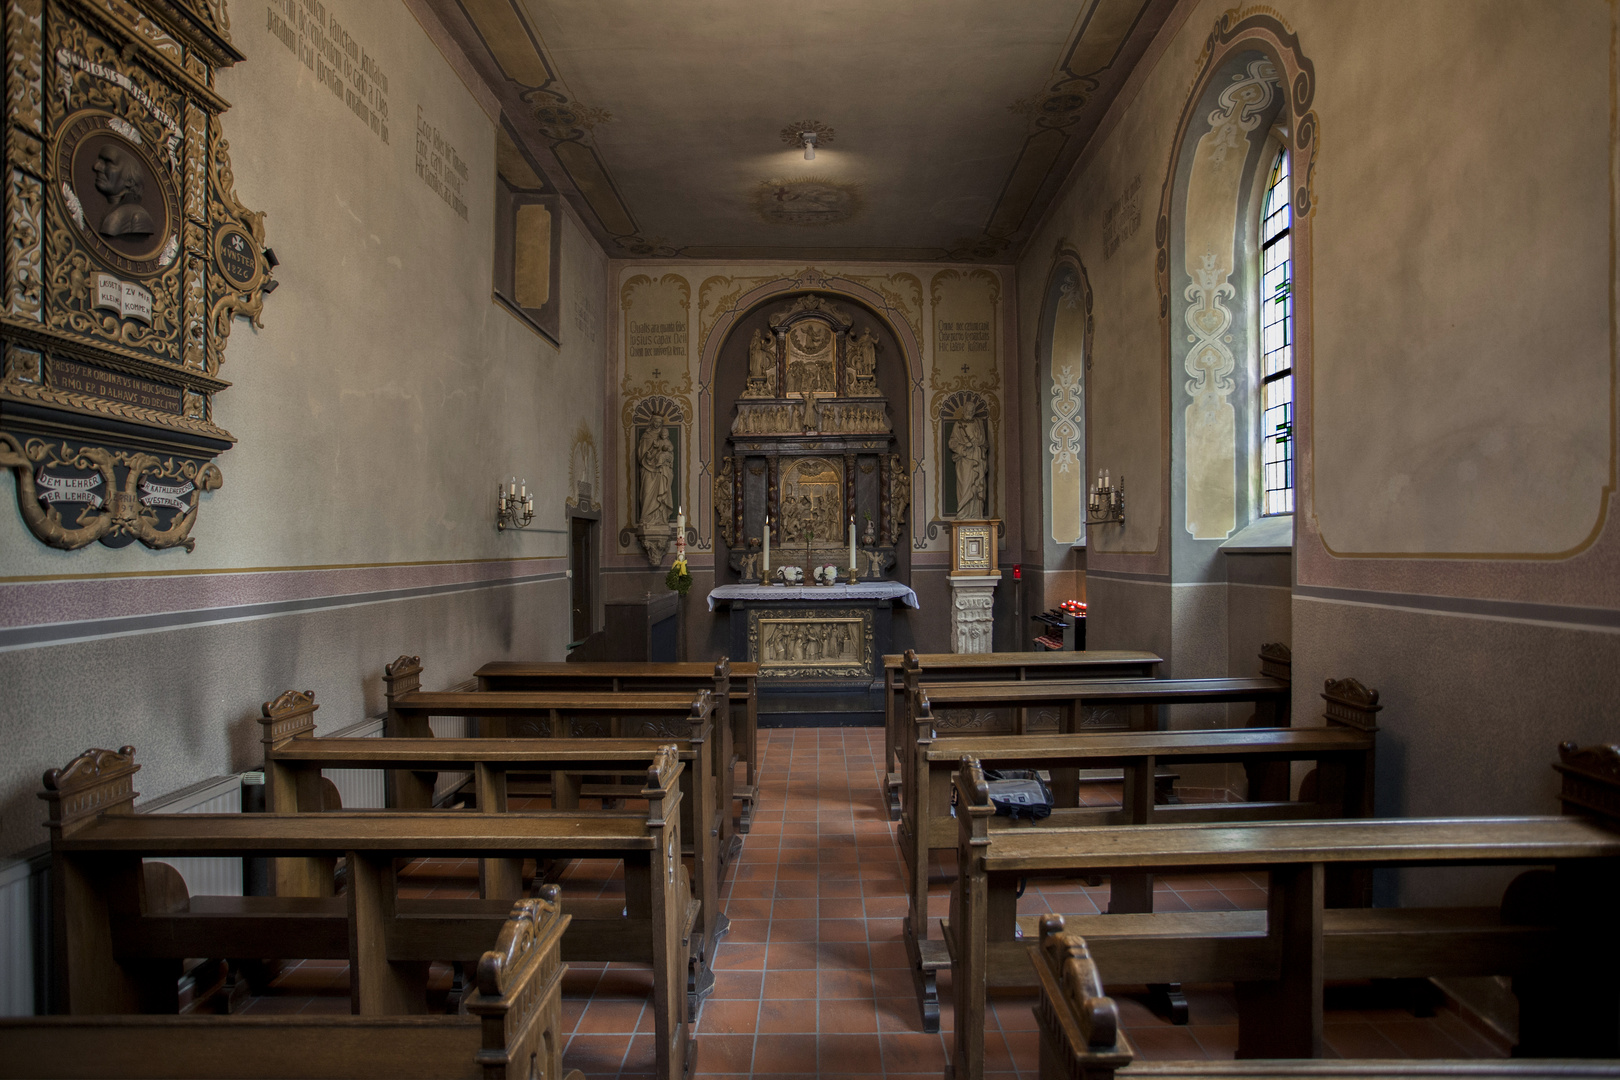 Bönekerskapelle in Rheine